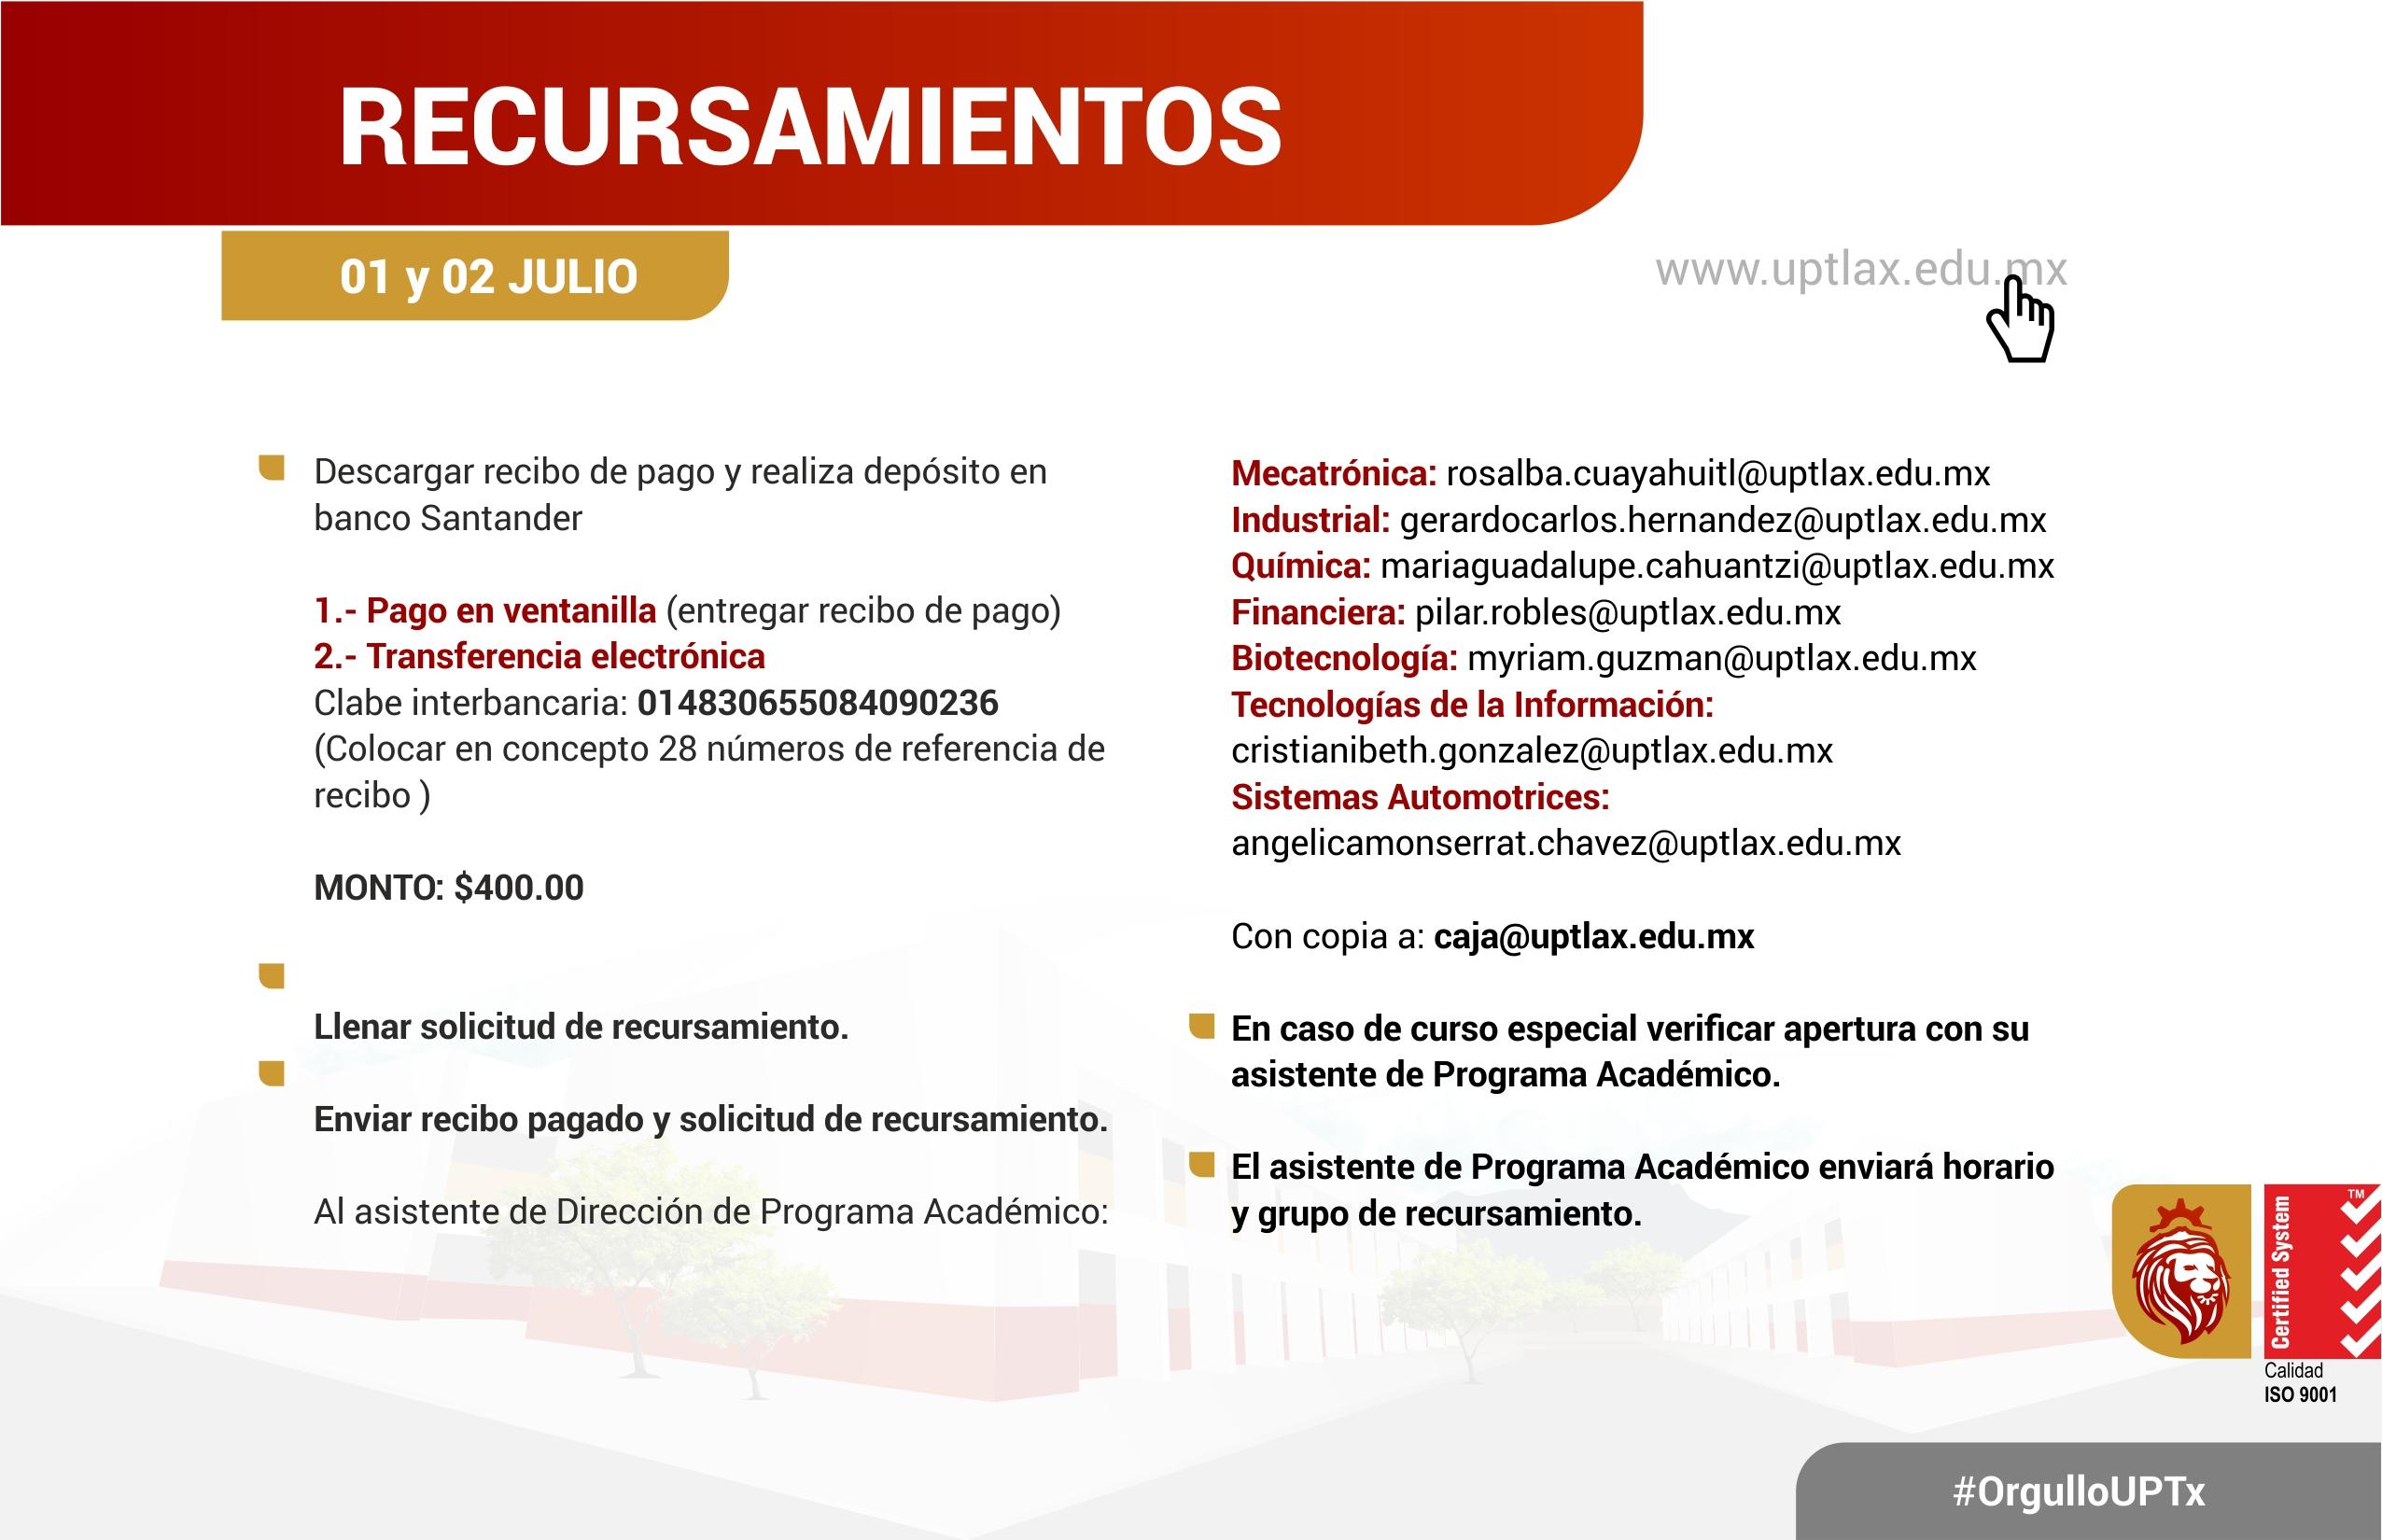 RECURSAMIENTOS 1 Y 2 DE JULIO